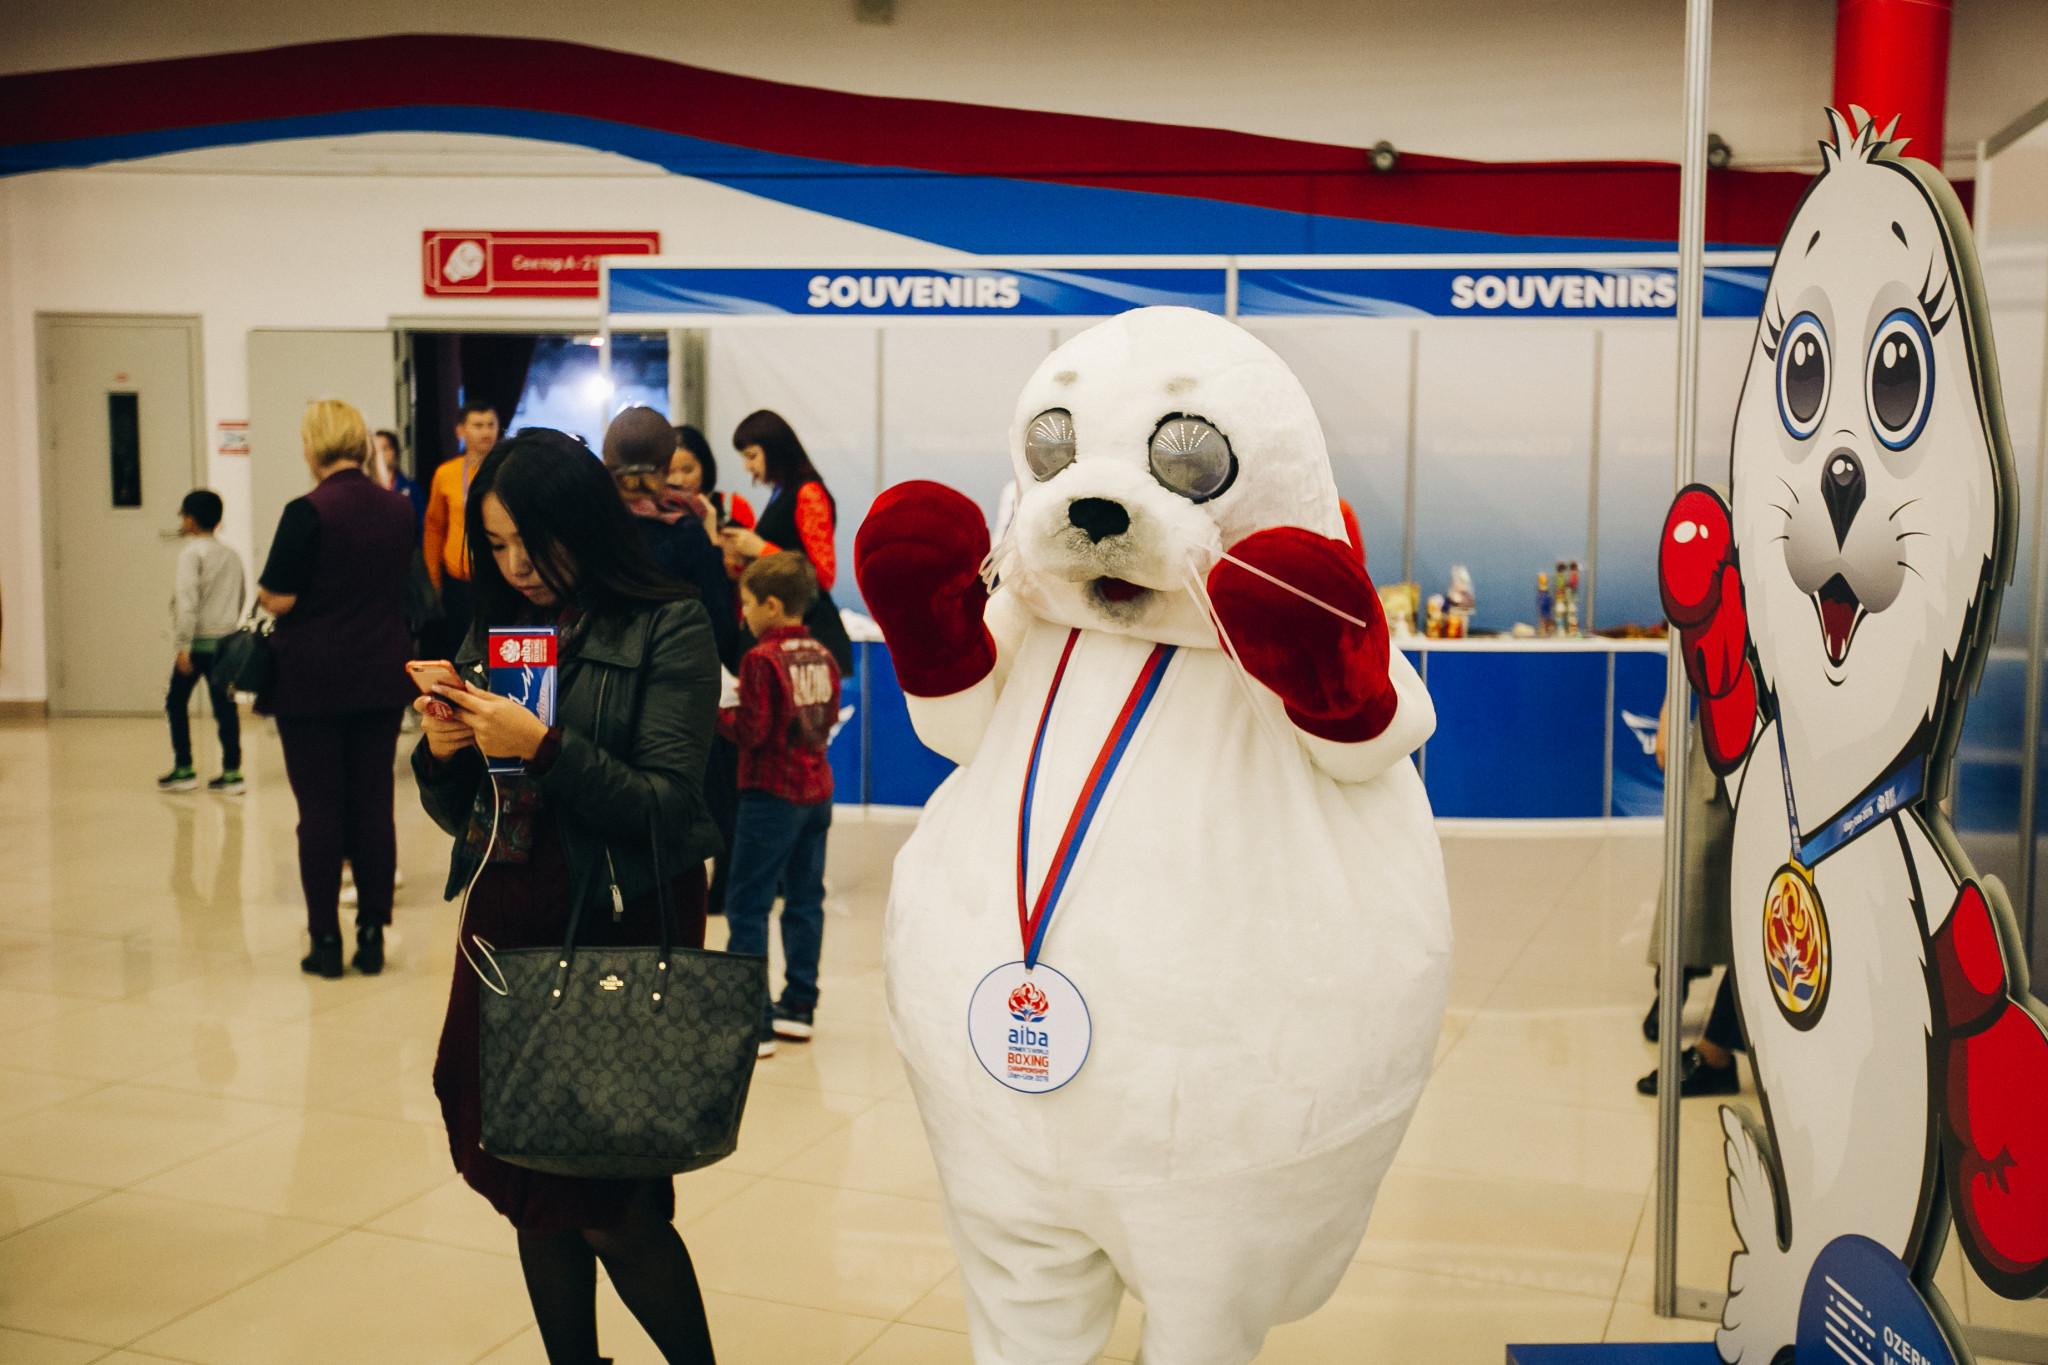 Baikalochka the seal was on hand to greet fans ©AIBA